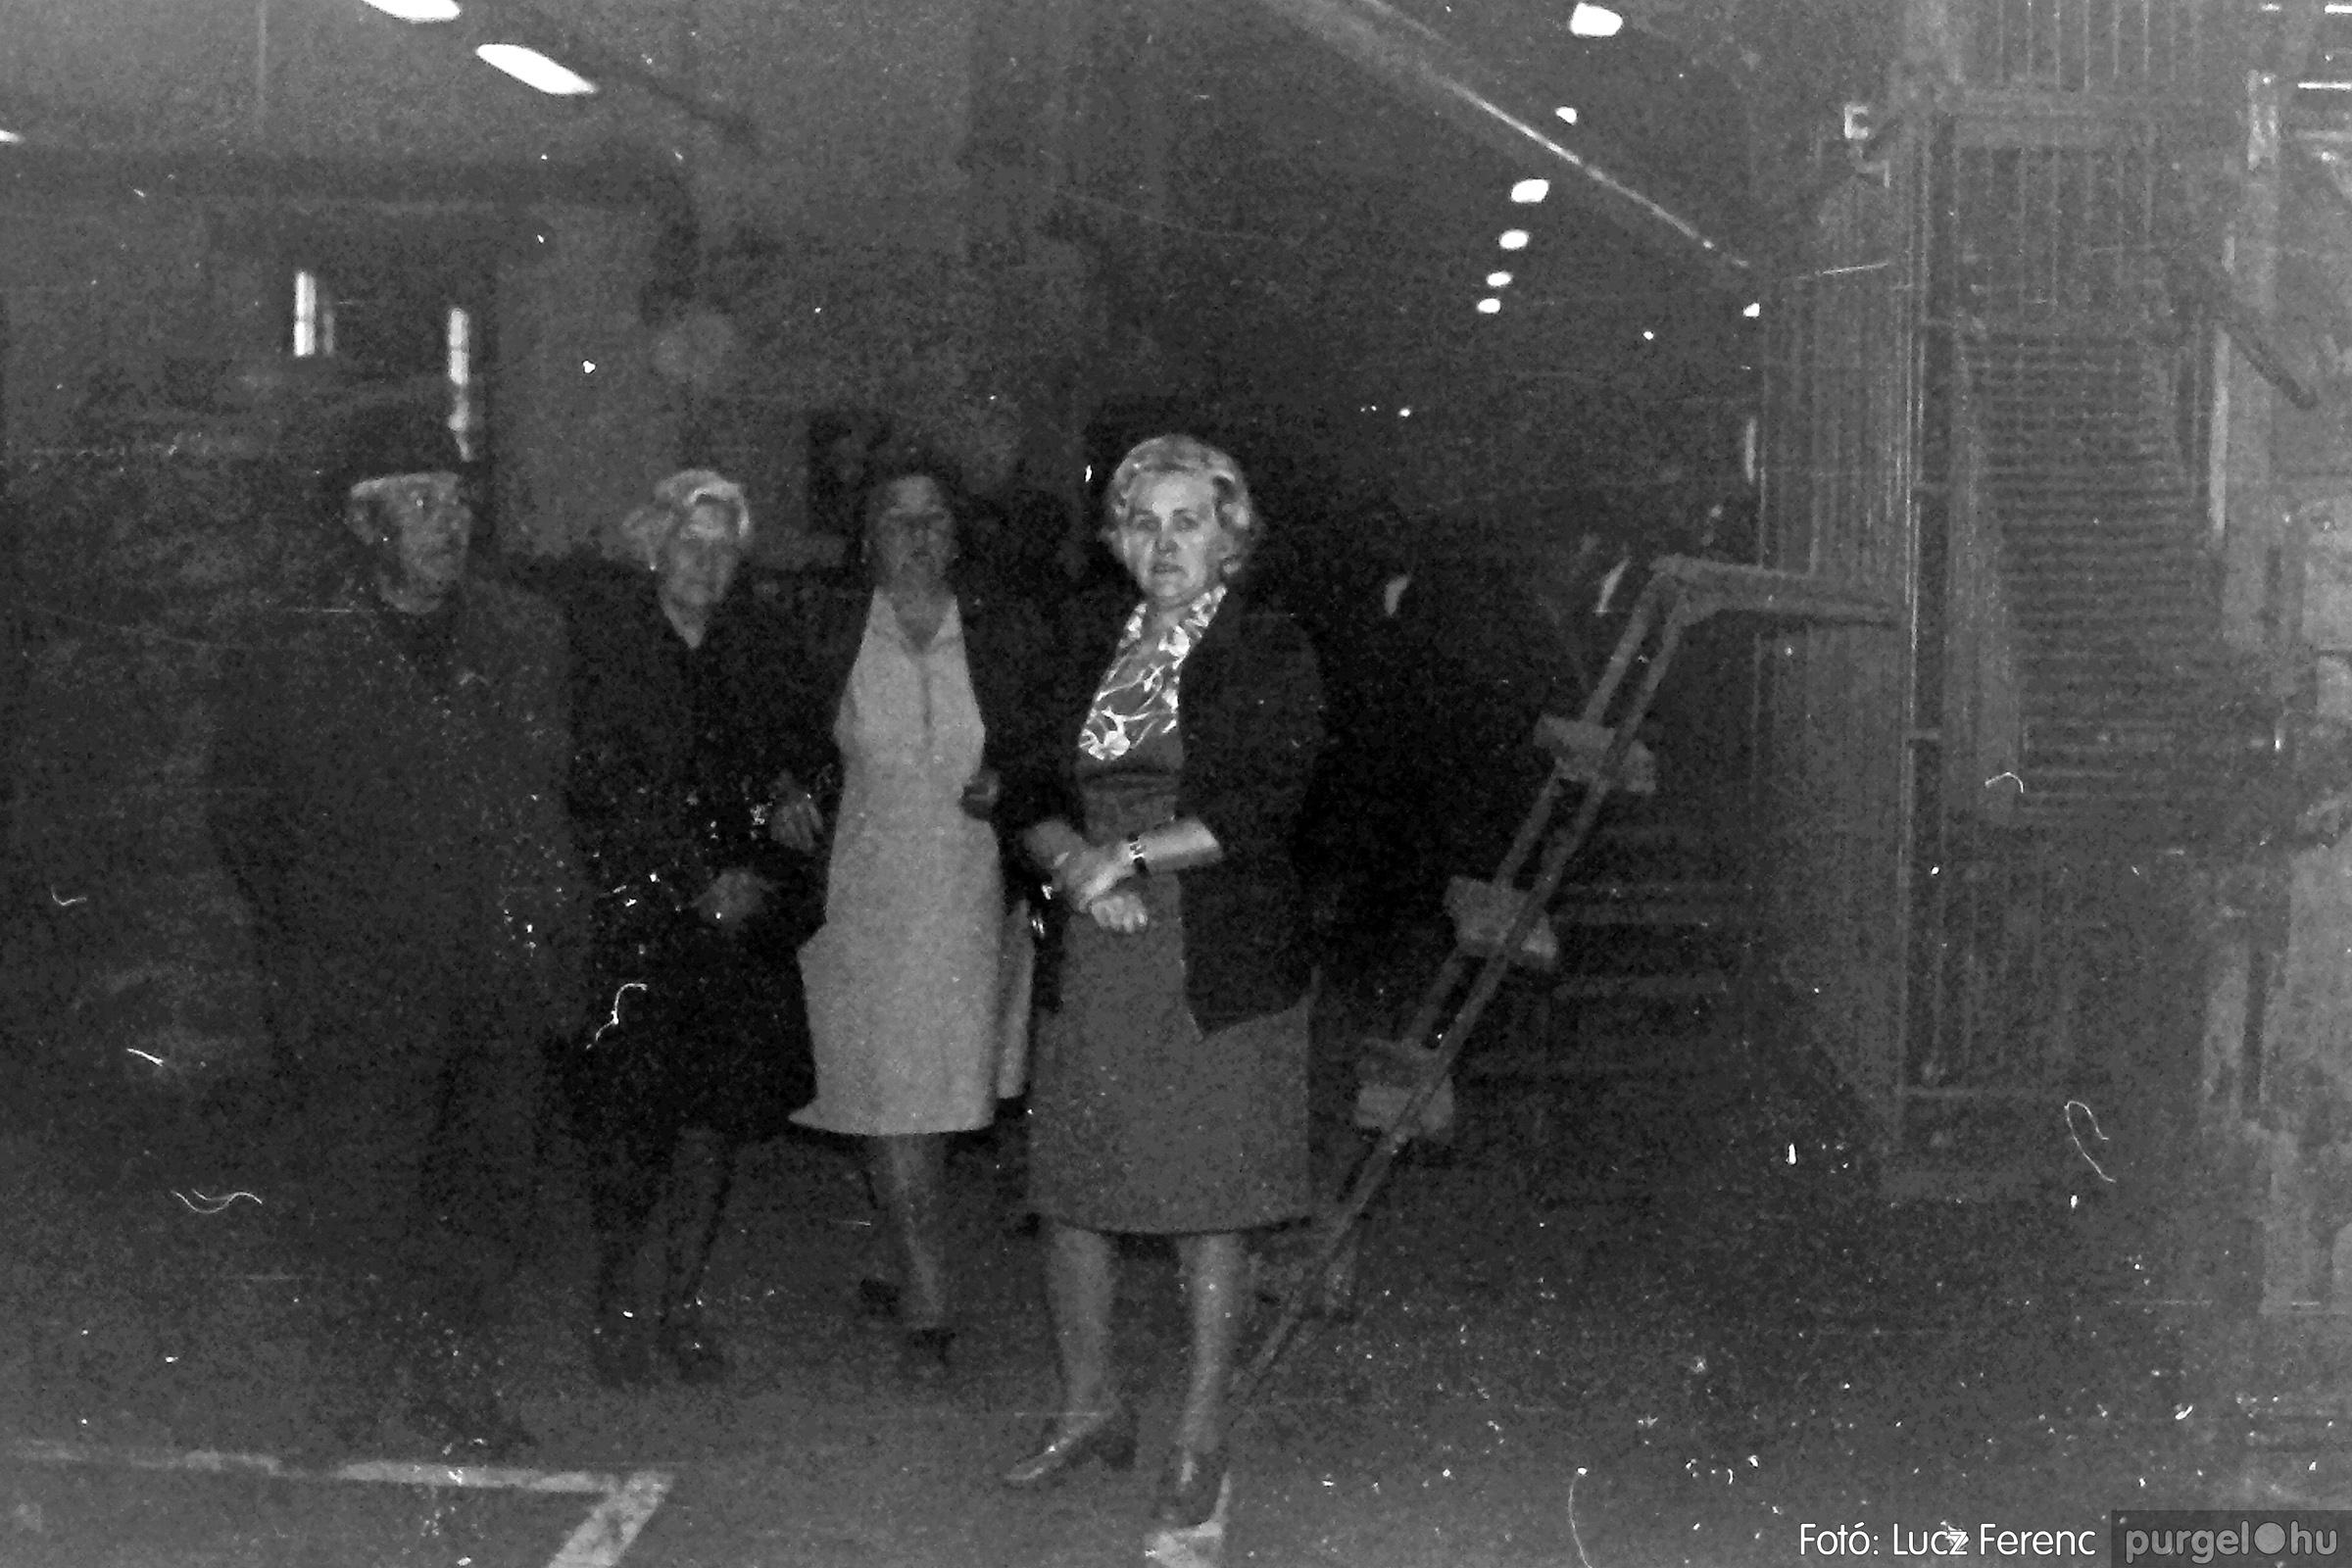 088A. 1977. Nyugdíjas találkozó a Kendergyárban 010. - Fotó: Lucz Ferenc.jpg